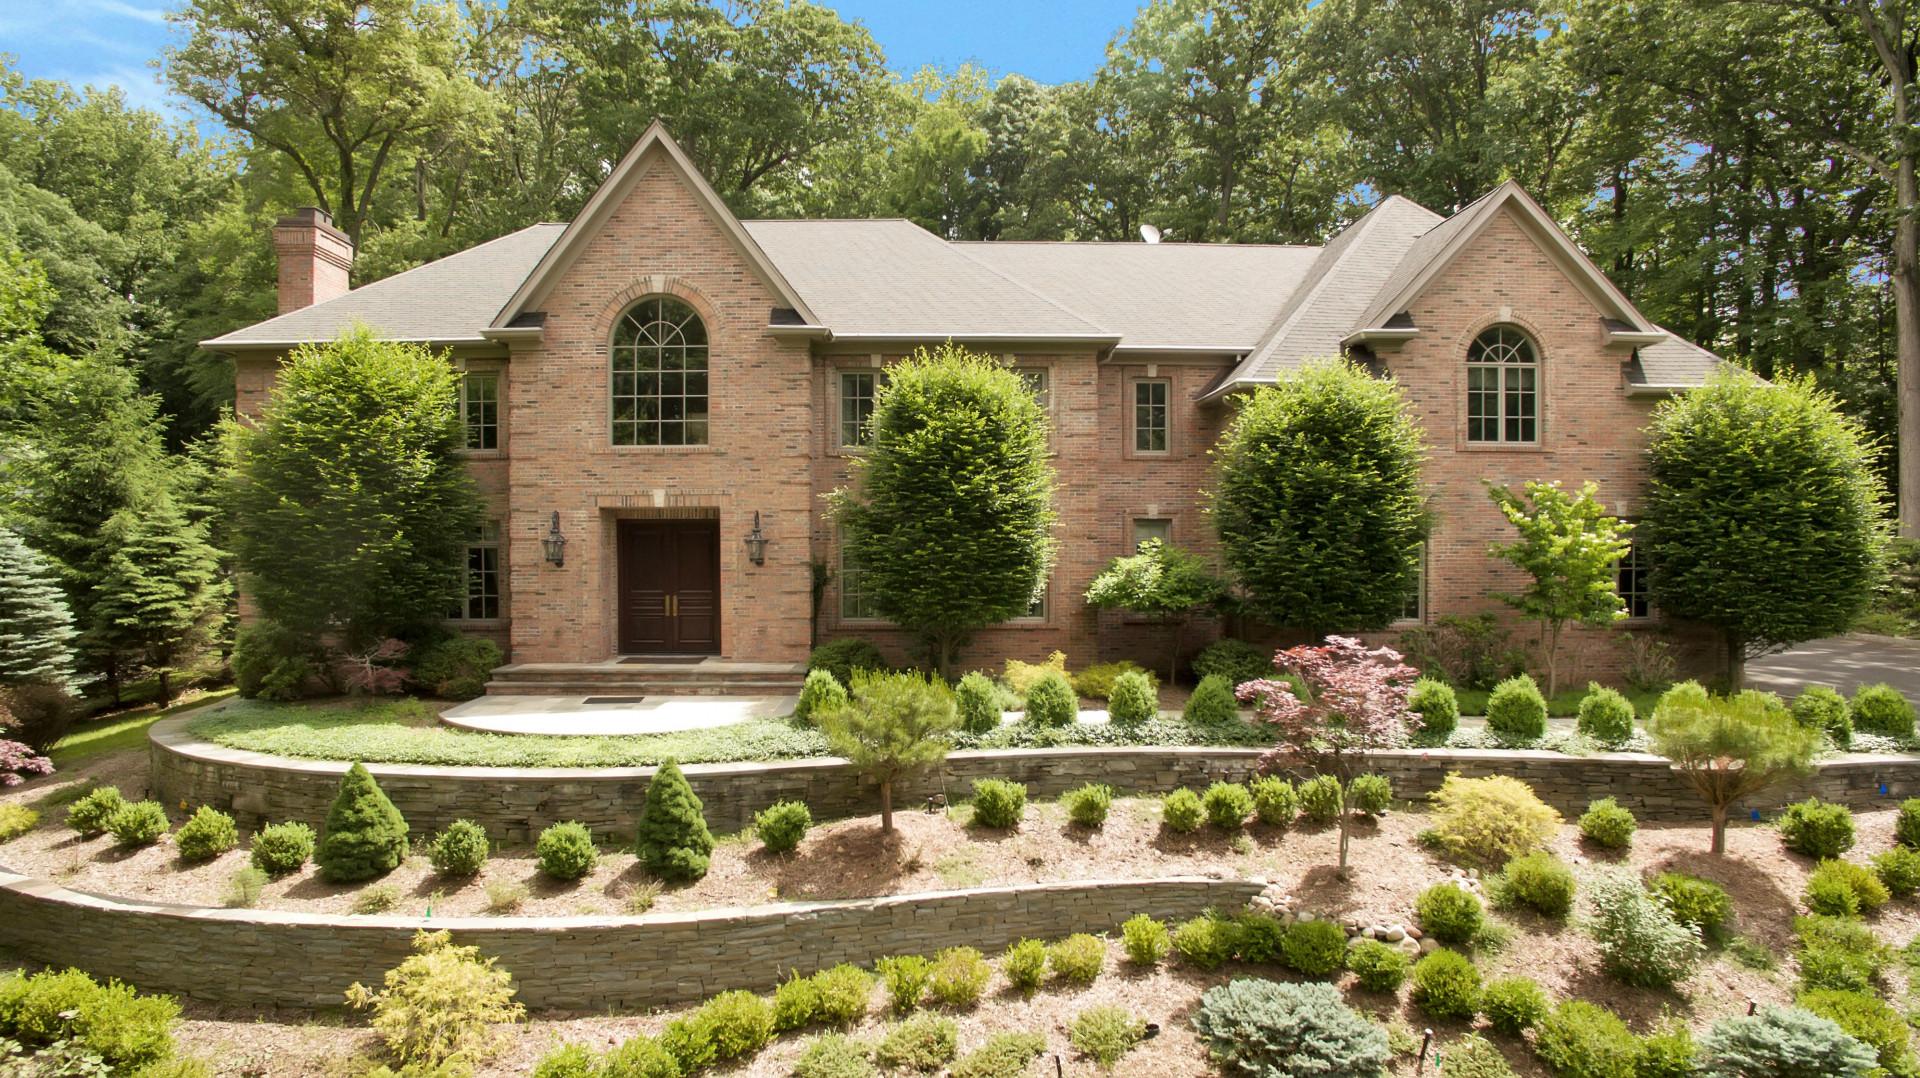 Villa per Vendita alle ore Hilltop Brick Manor 26 Fox Hedge Road Saddle River, New Jersey, 07458 Stati Uniti